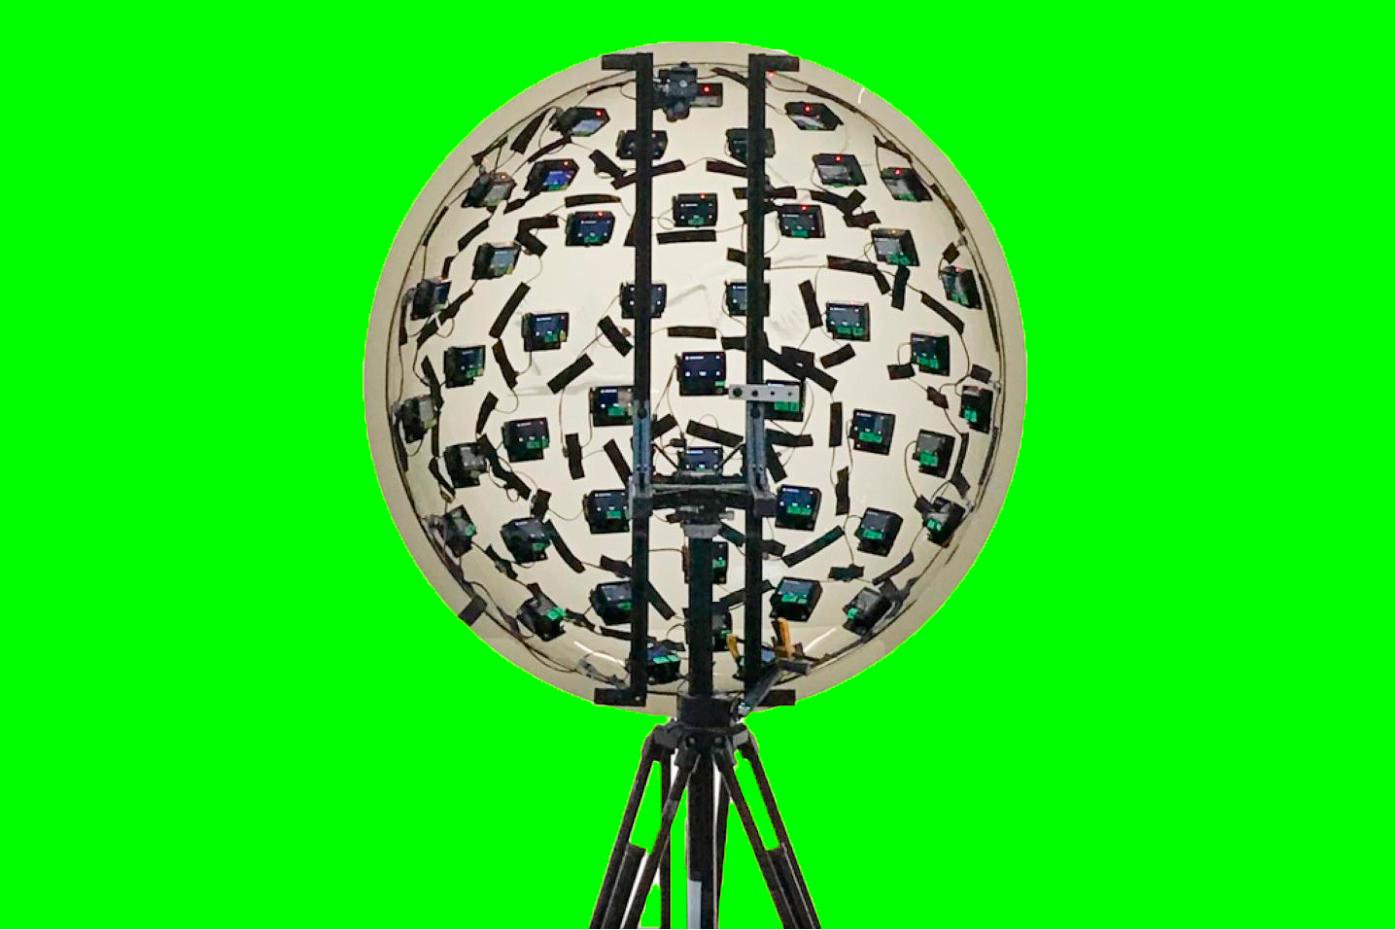 Compuesto por 46 cámaras, este es el último invento de Google para grabar vídeos.